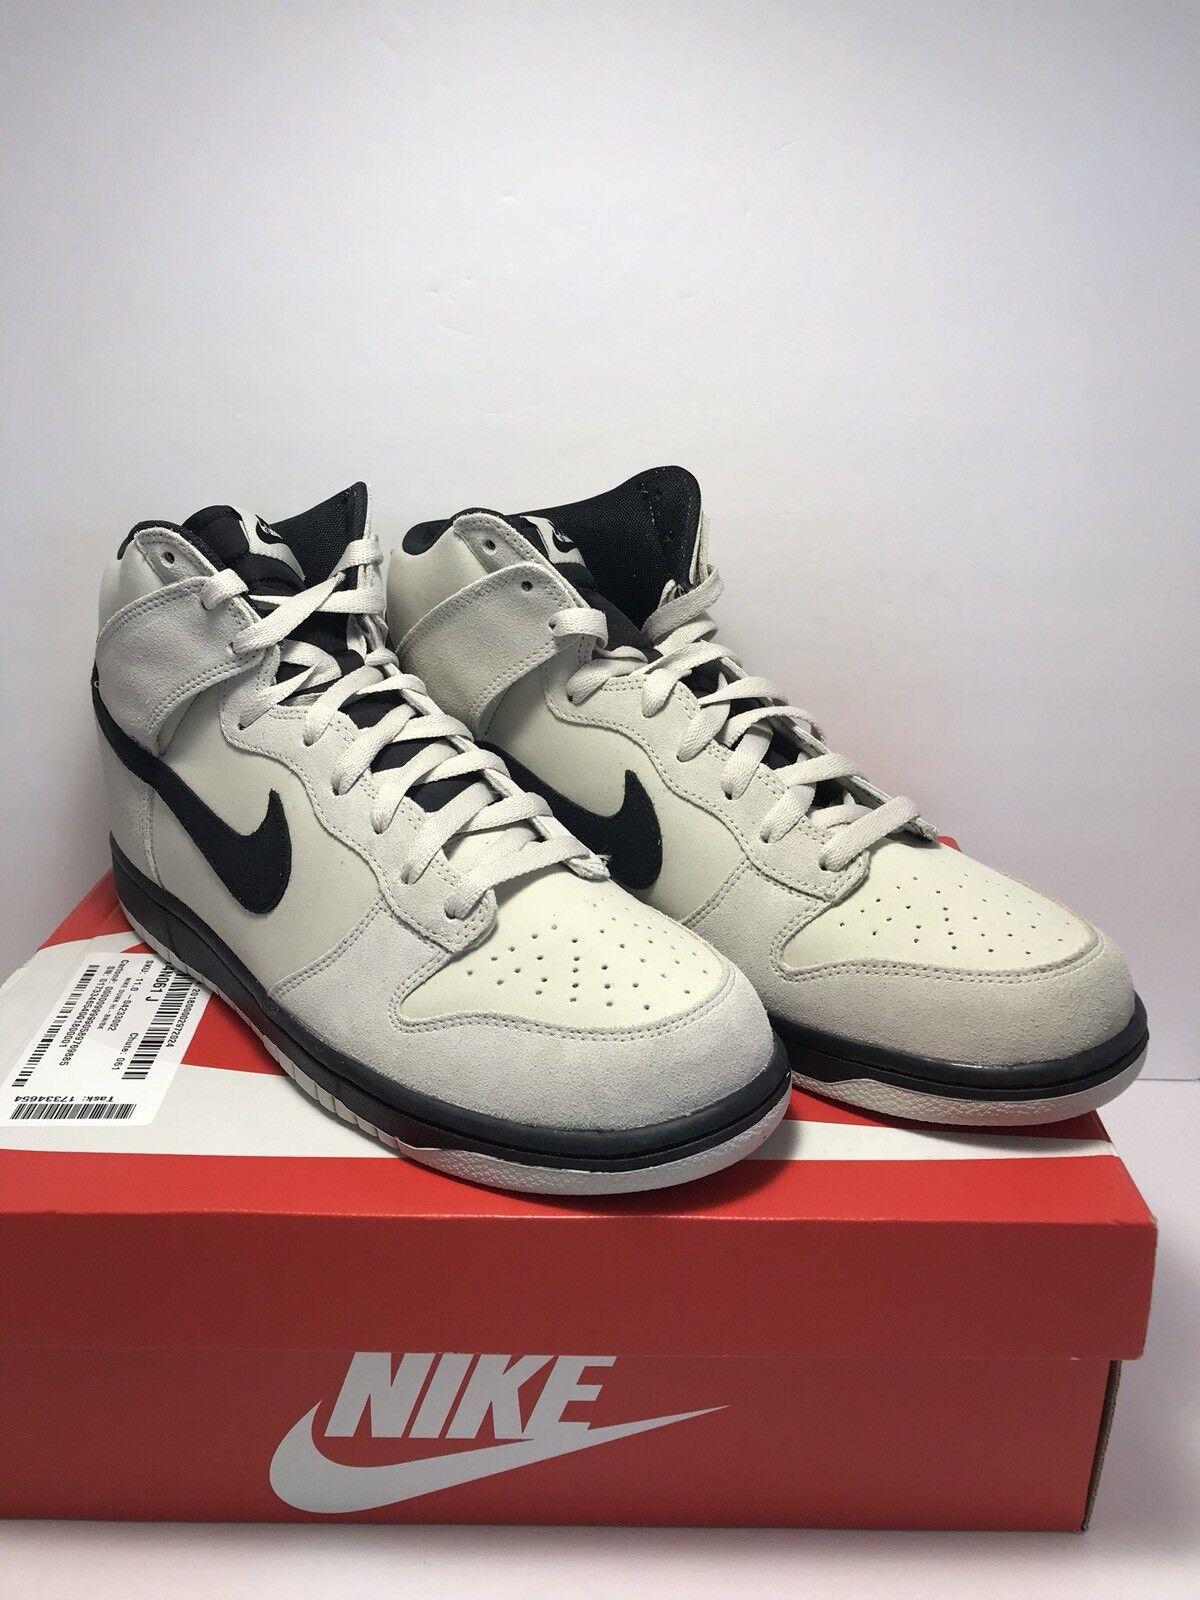 Nike Mens Size 11 Dunk Hi AF1 Light Bone Retro Basketball Athletic Sneaker shoes